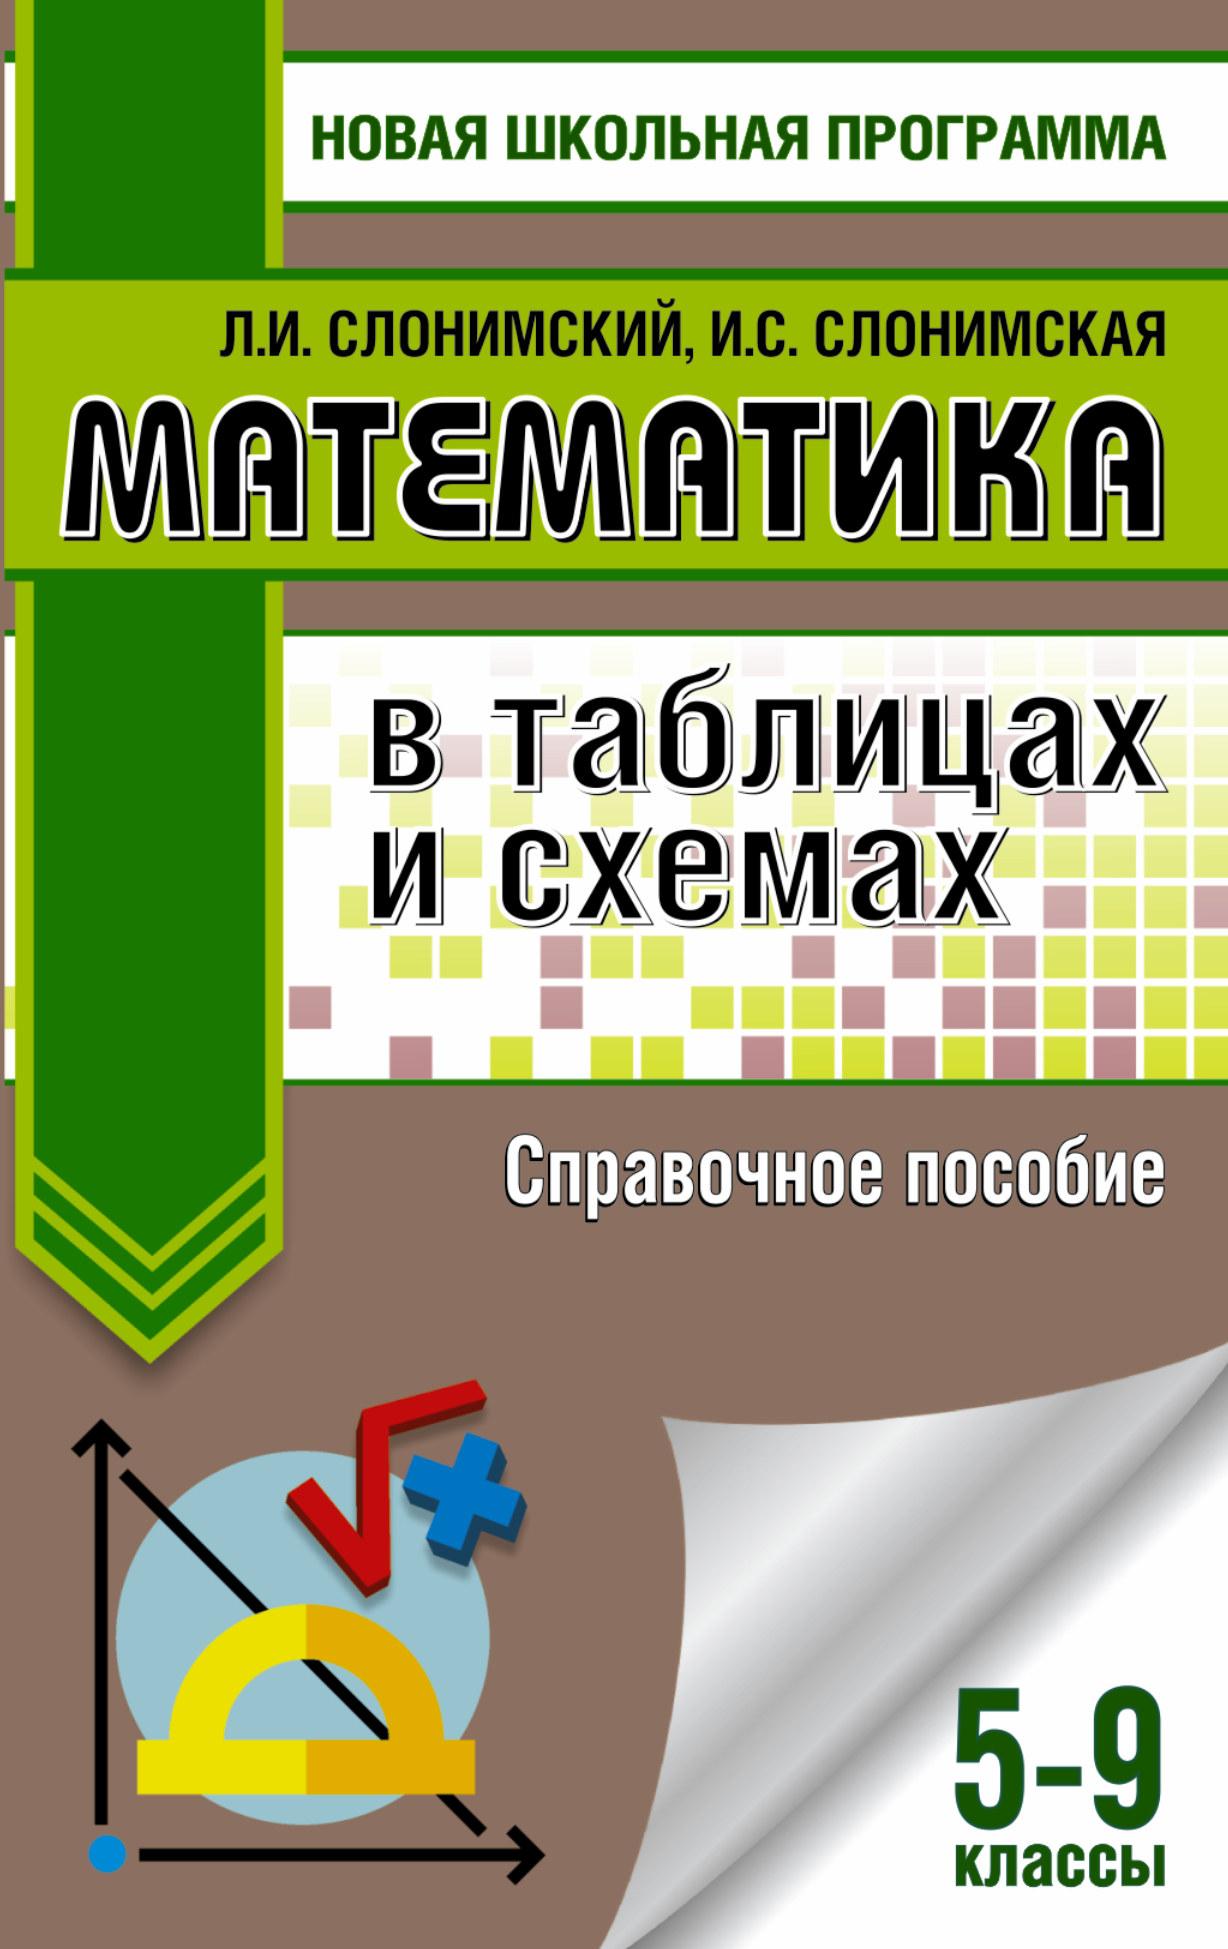 Слонимский Л.И., Слонимская И.С. Математика в таблицах и схемах. Справочное пособие. 5-9 классы цена